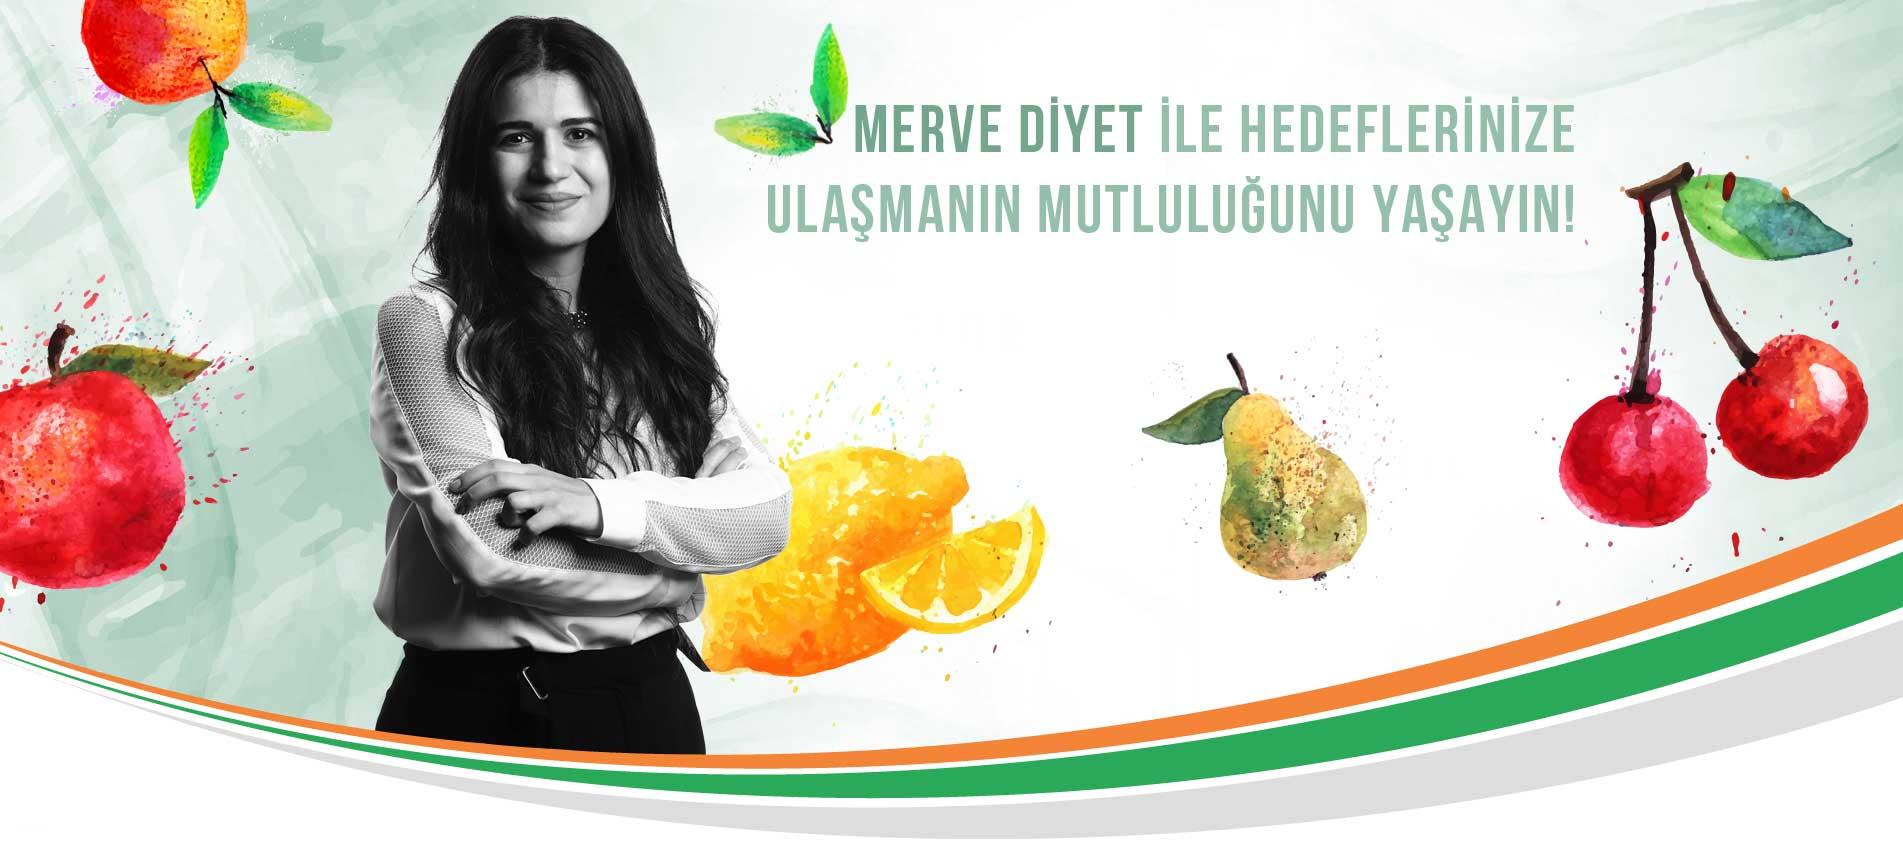 istanbul-en-iyi-diyetisyen-merve-kalelioglu